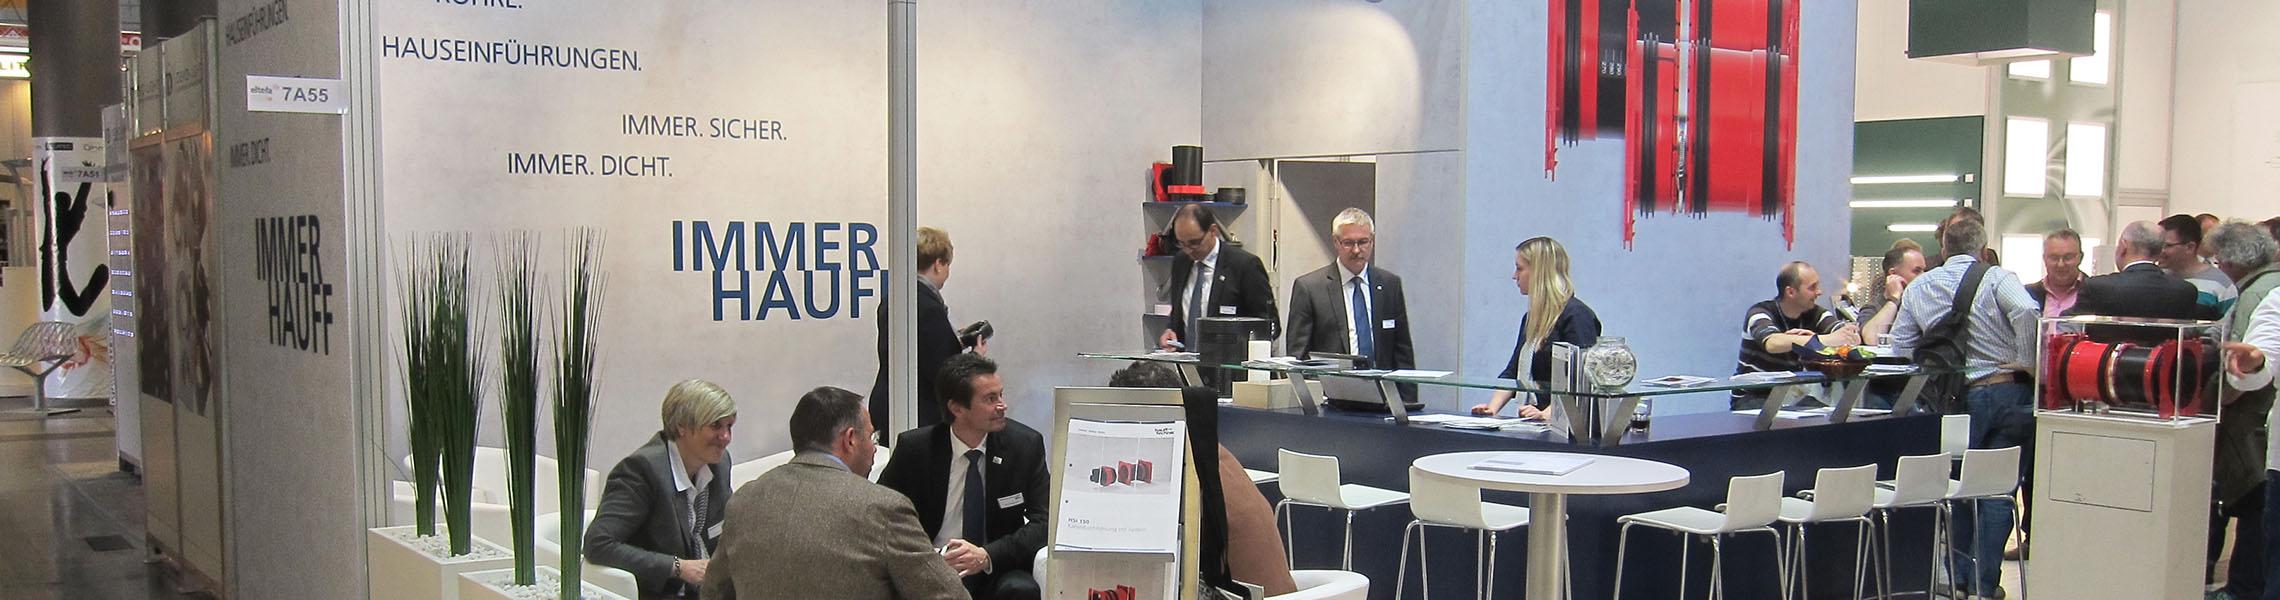 Gyorskereső Nurnberg vámpír naplók damon és elena csatlakoznak